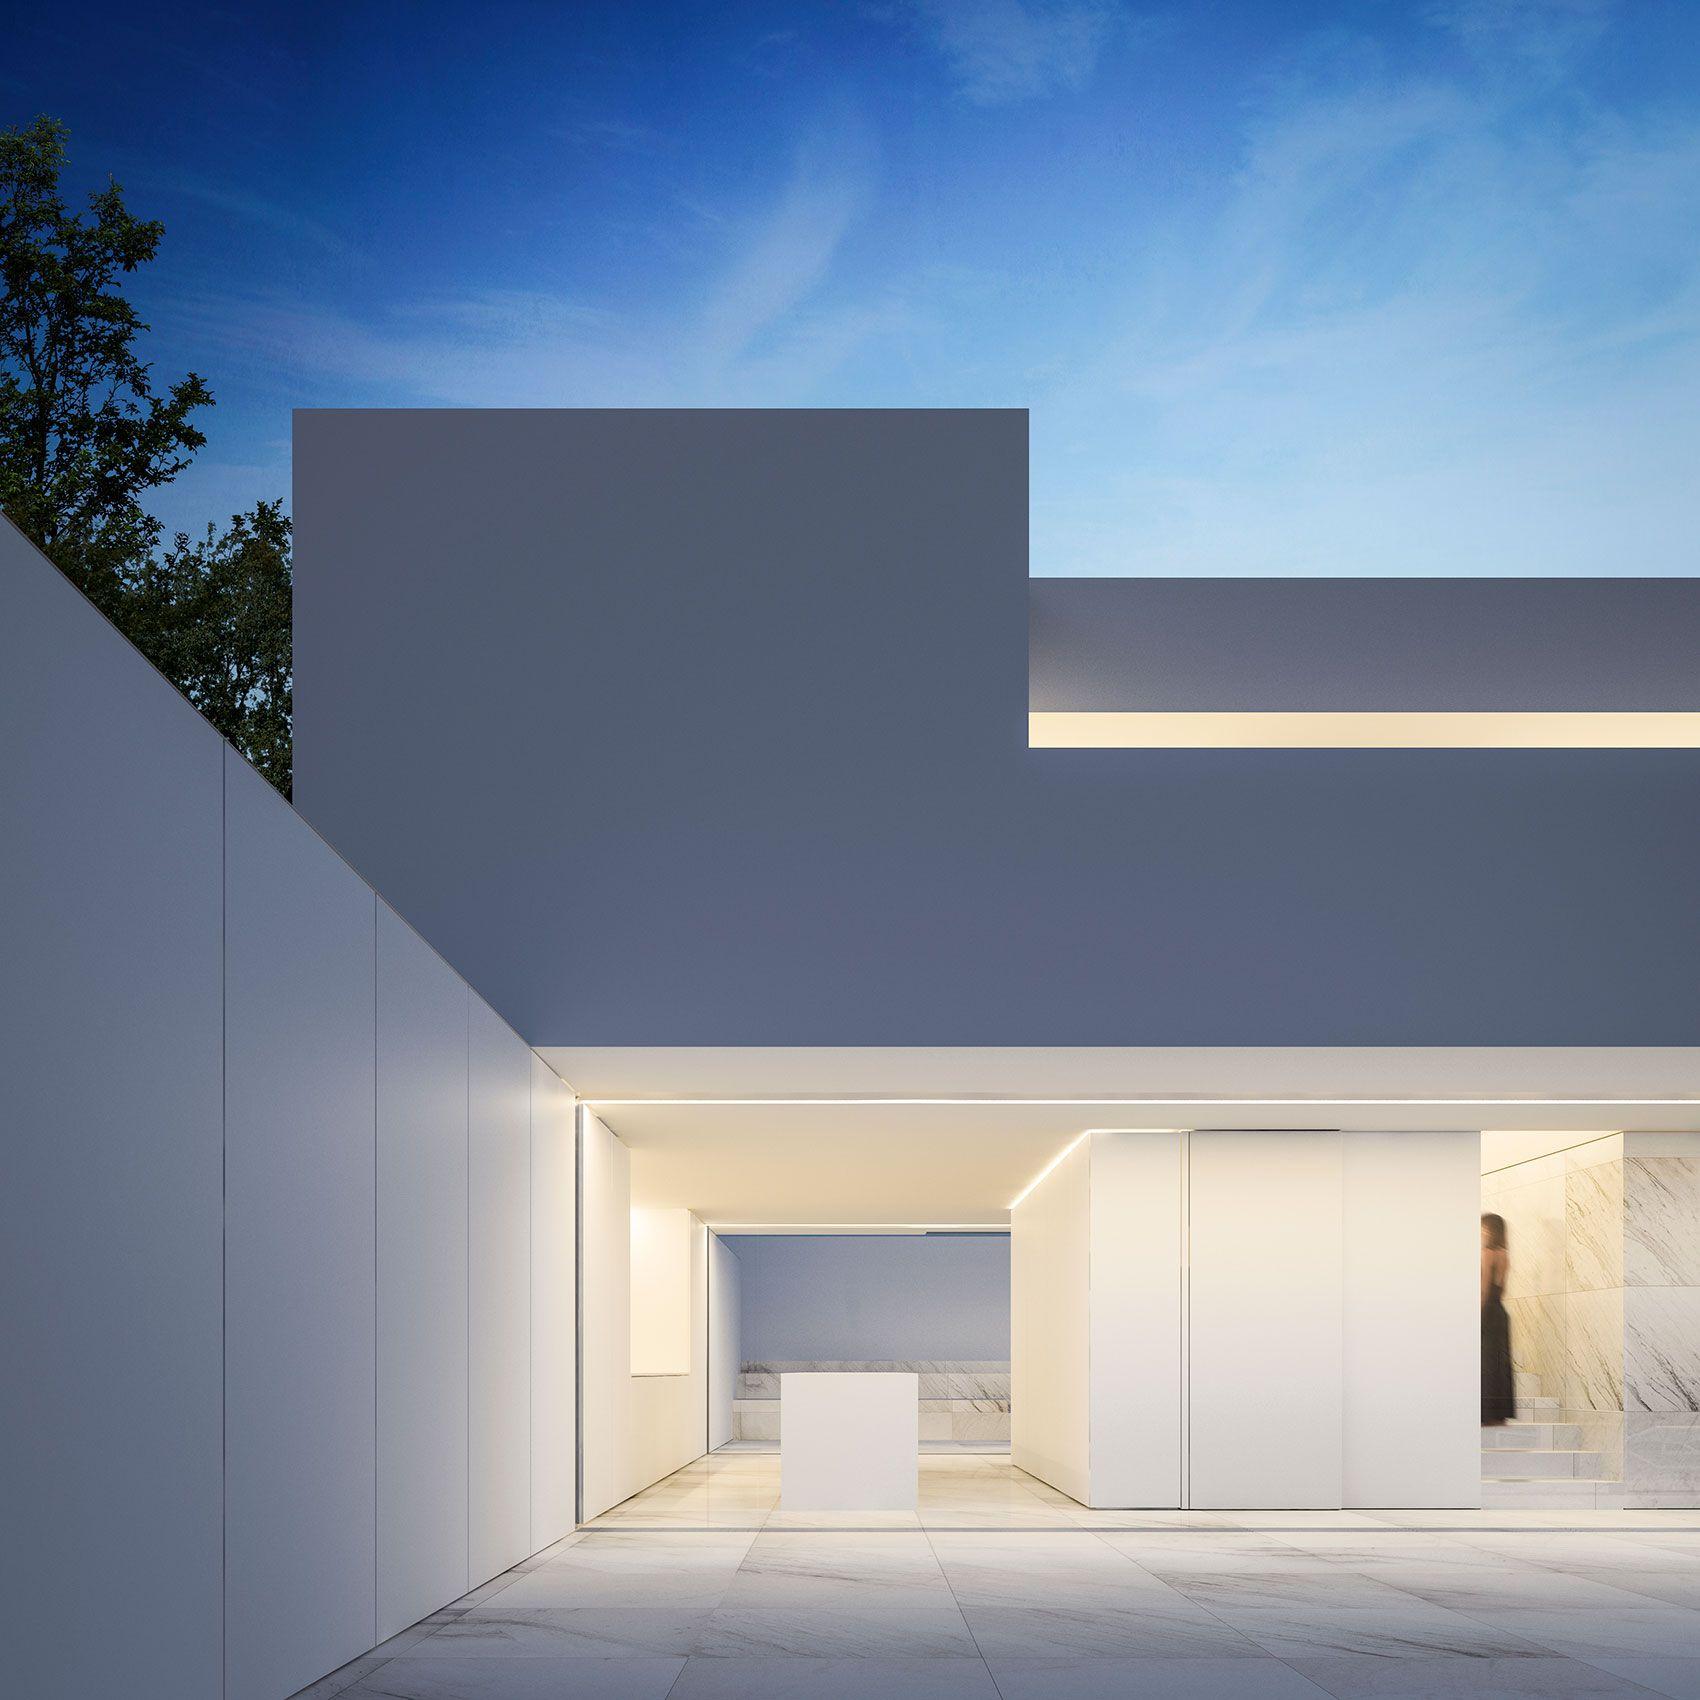 Casa en el horizonte arquitectos valencia fran - Fran silvestre arquitectos ...